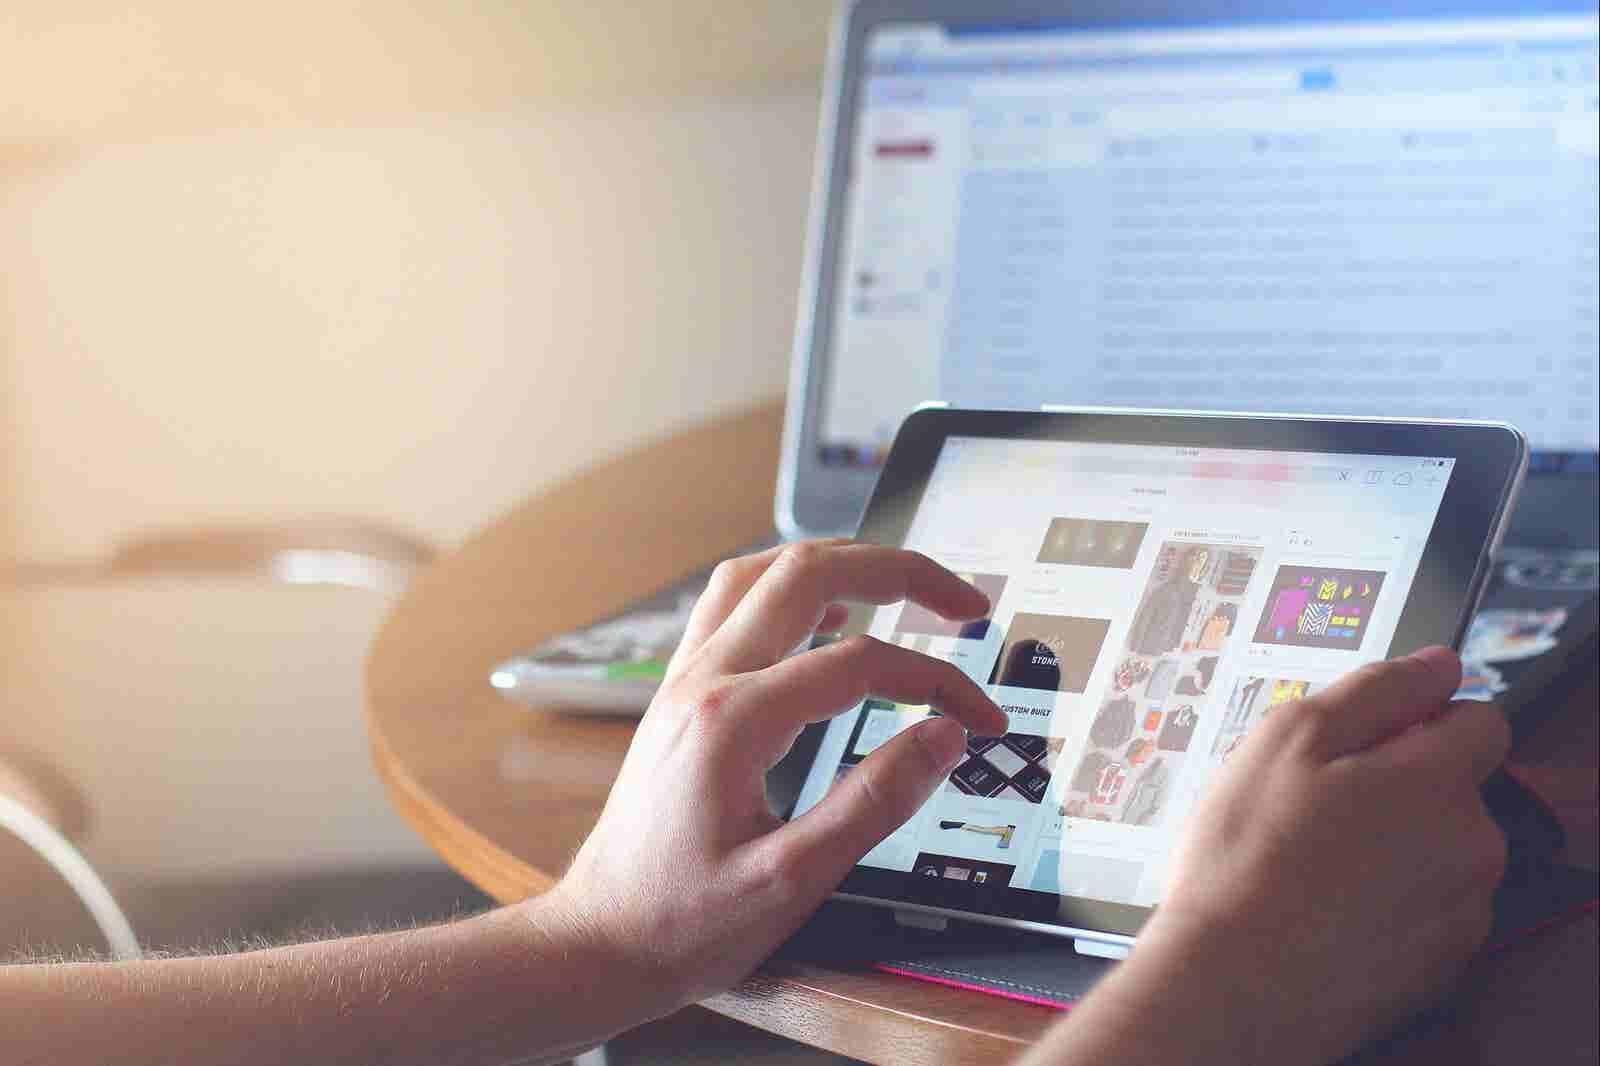 4 რჩევა ციფრული პროდუქტის შესაქმნელად, რომელიც დიდ მოგებას მოგიტანთ